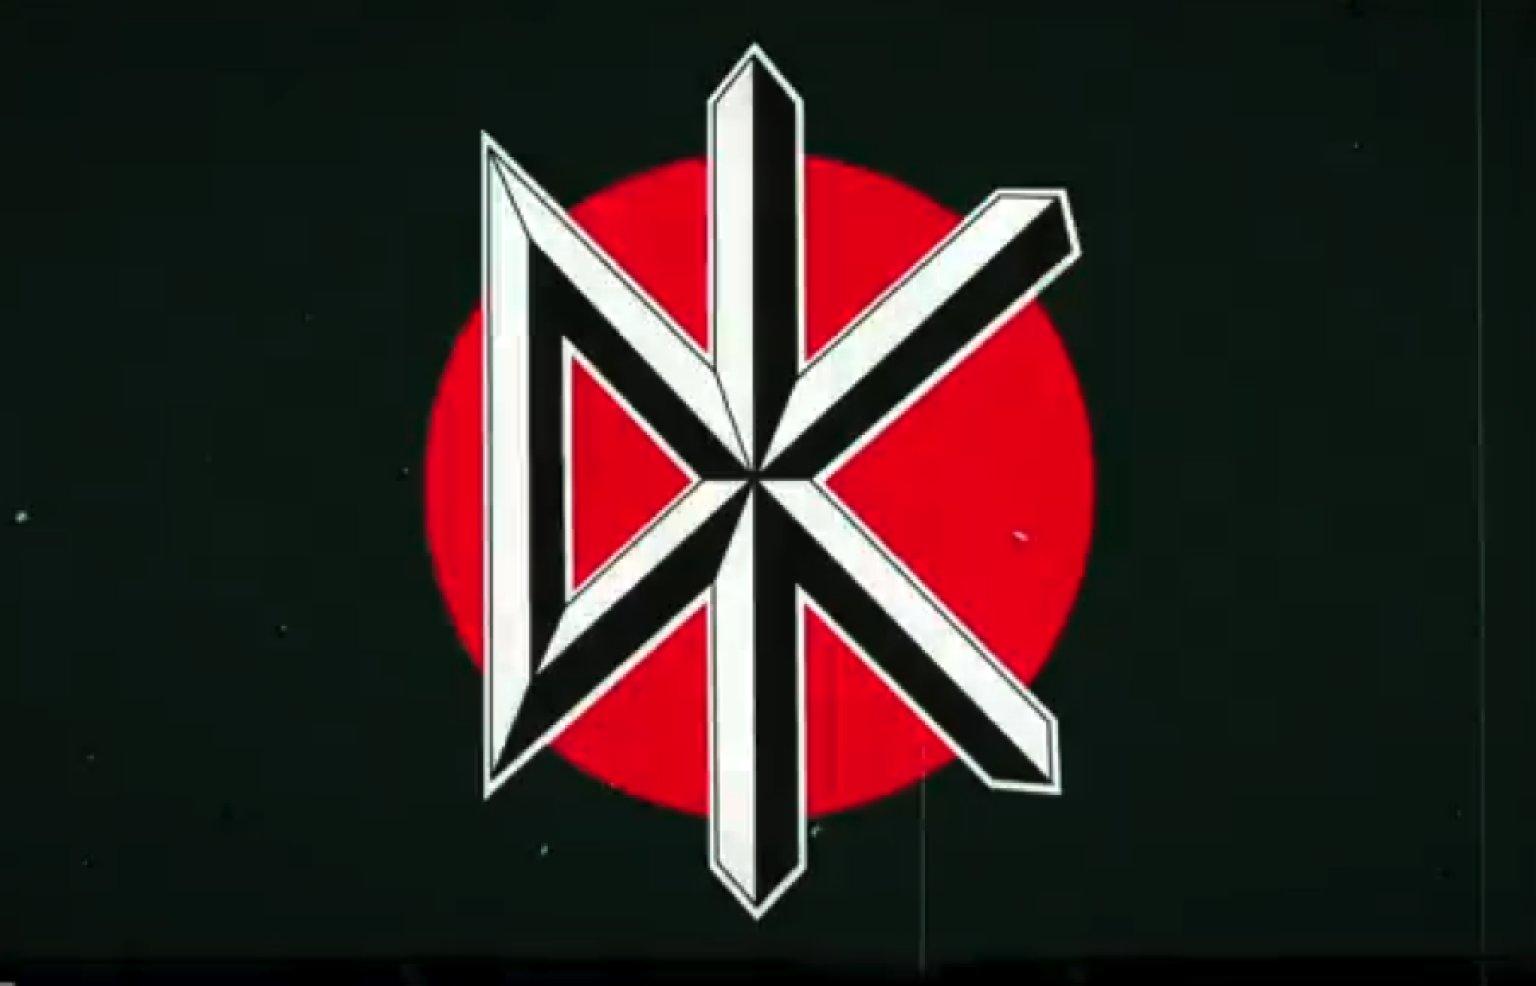 Dead Kennedys & The Art Of Punk: MOCAtv Series Spotlights ...